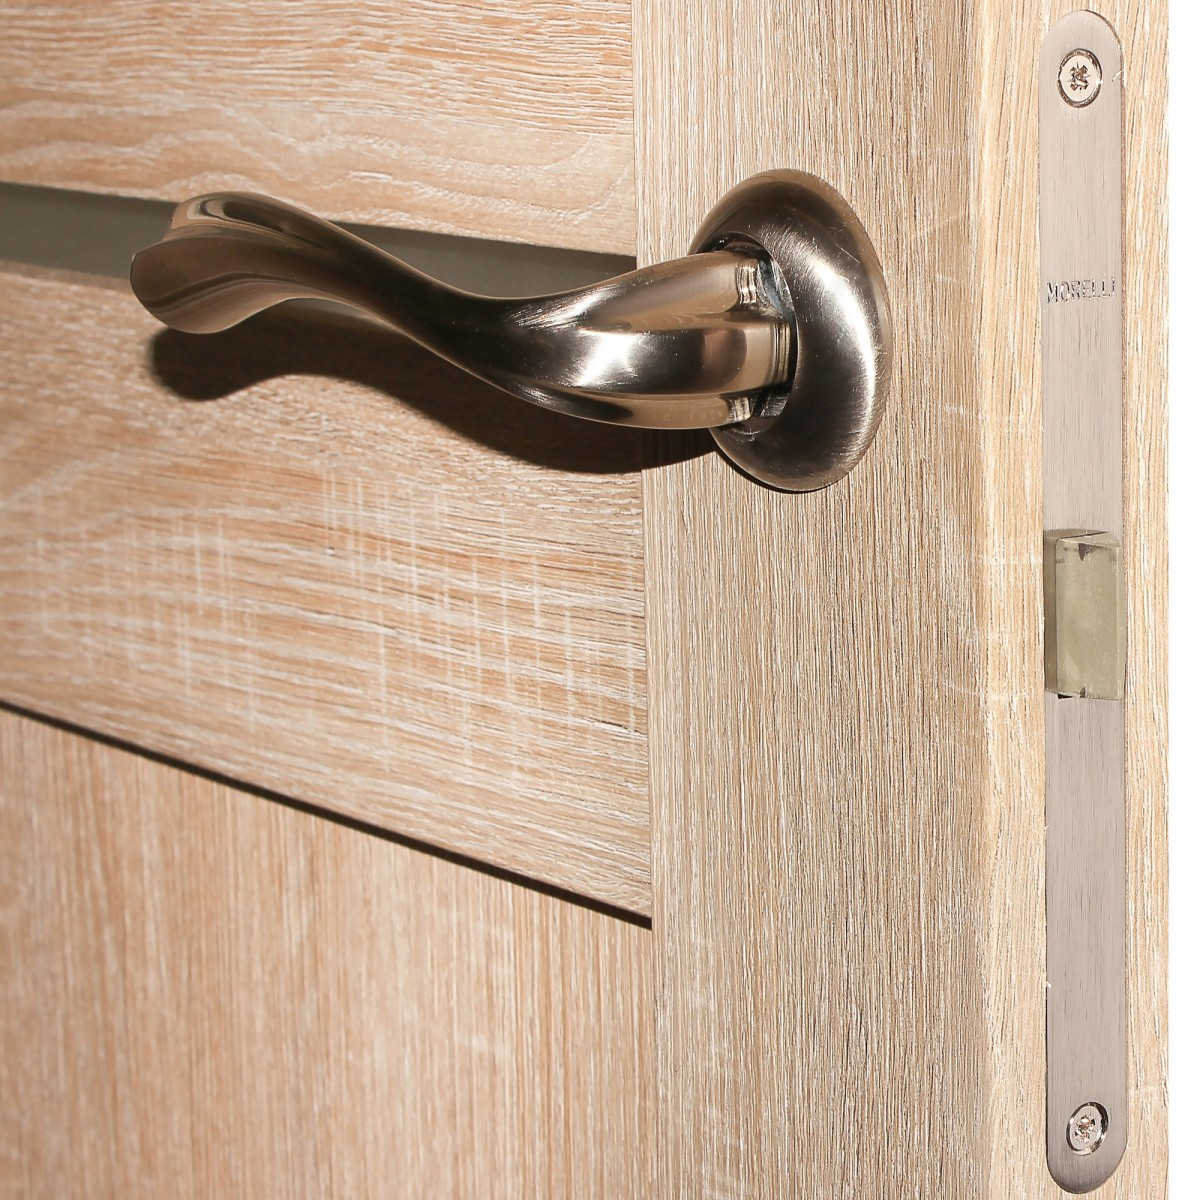 Дверь Межкомнатная Остеклённая Artens Леона 70x200 Цвет Натуральный Дуб